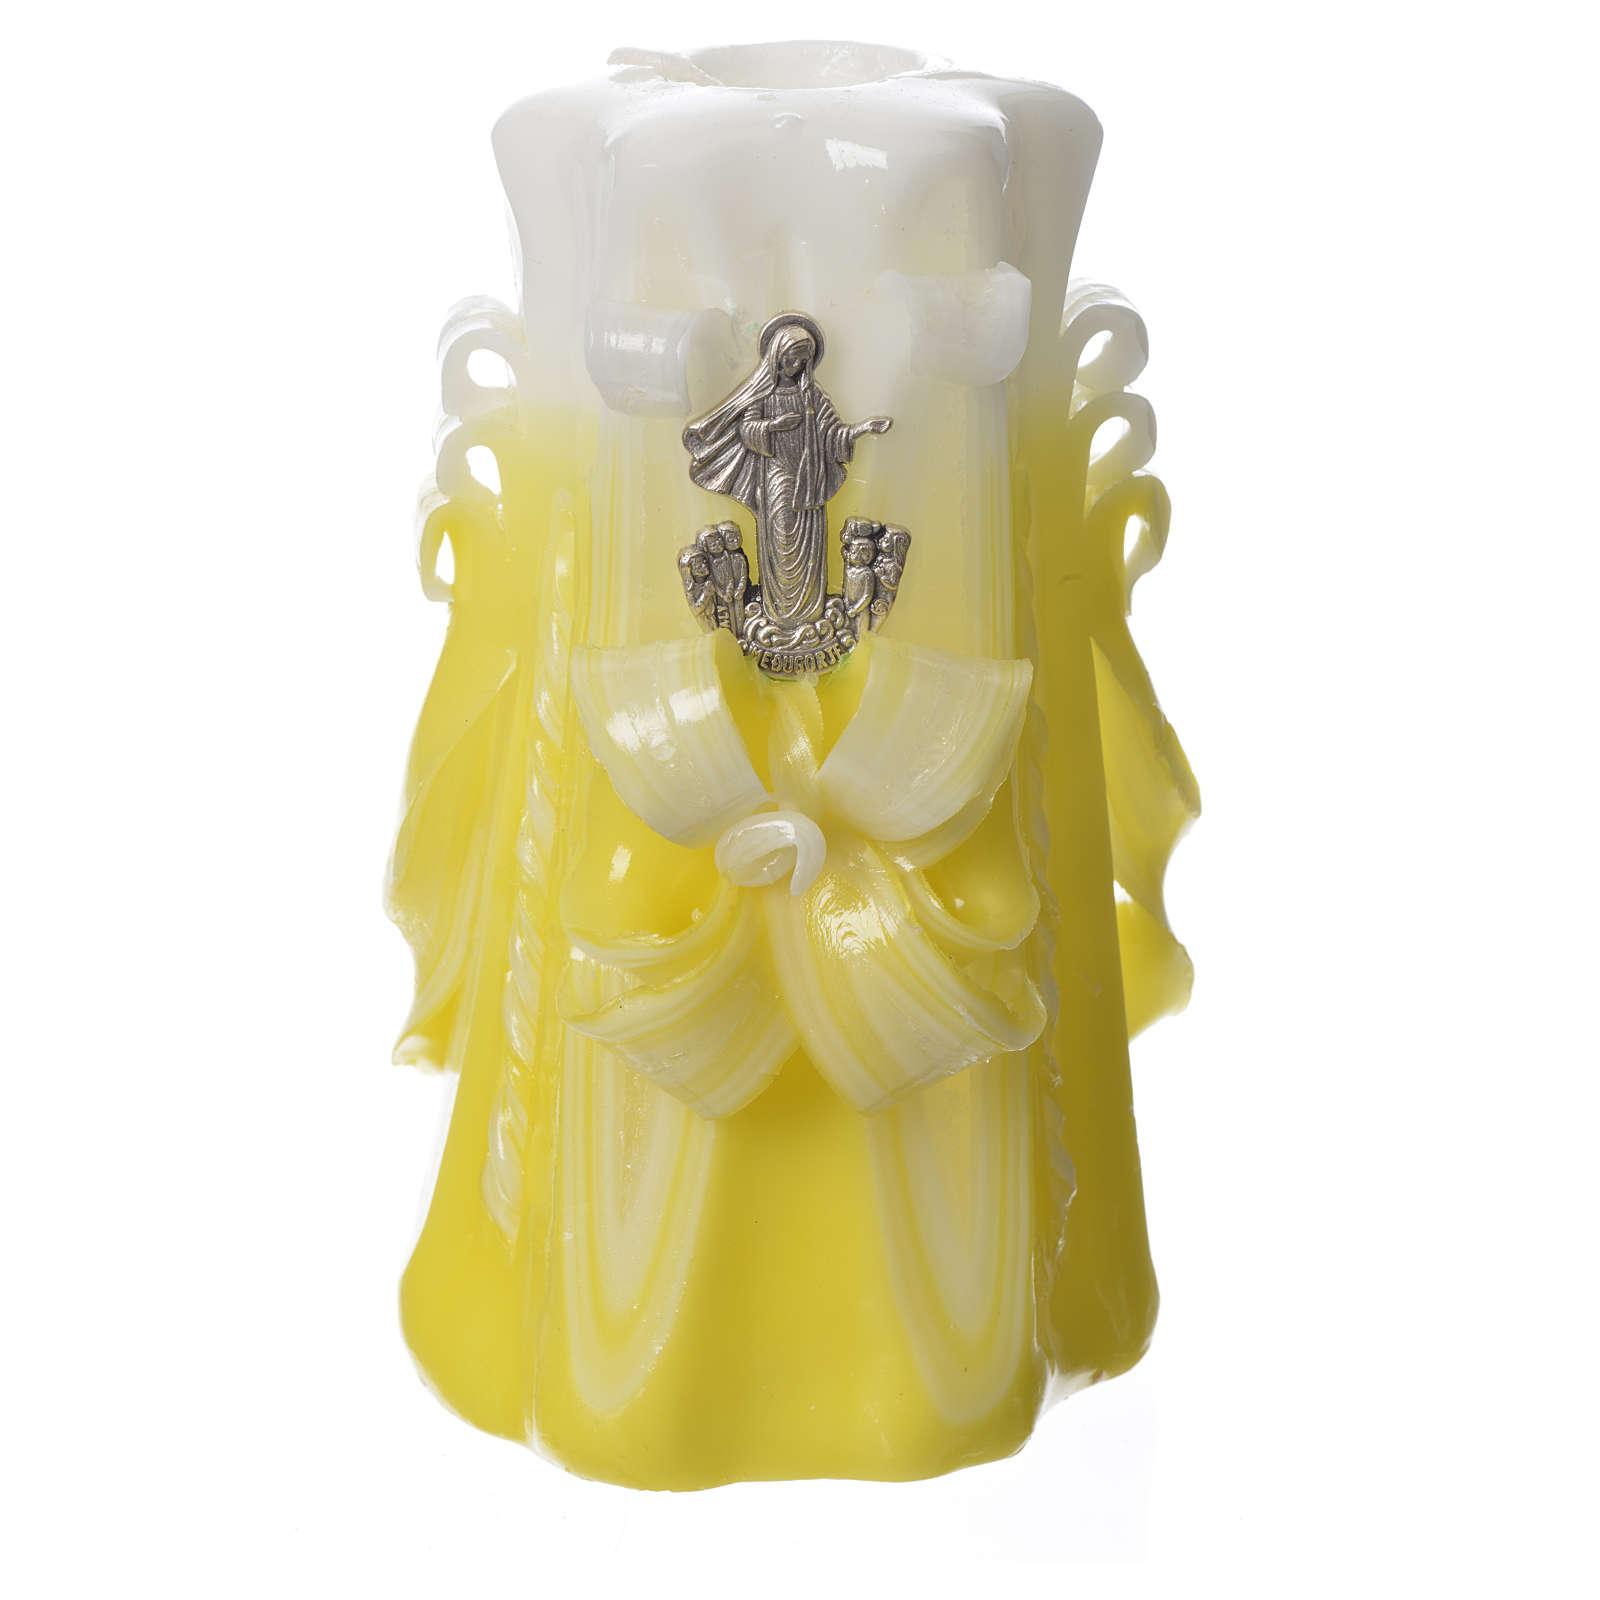 Bougie Medjugorje jaune 16x8 cm 4